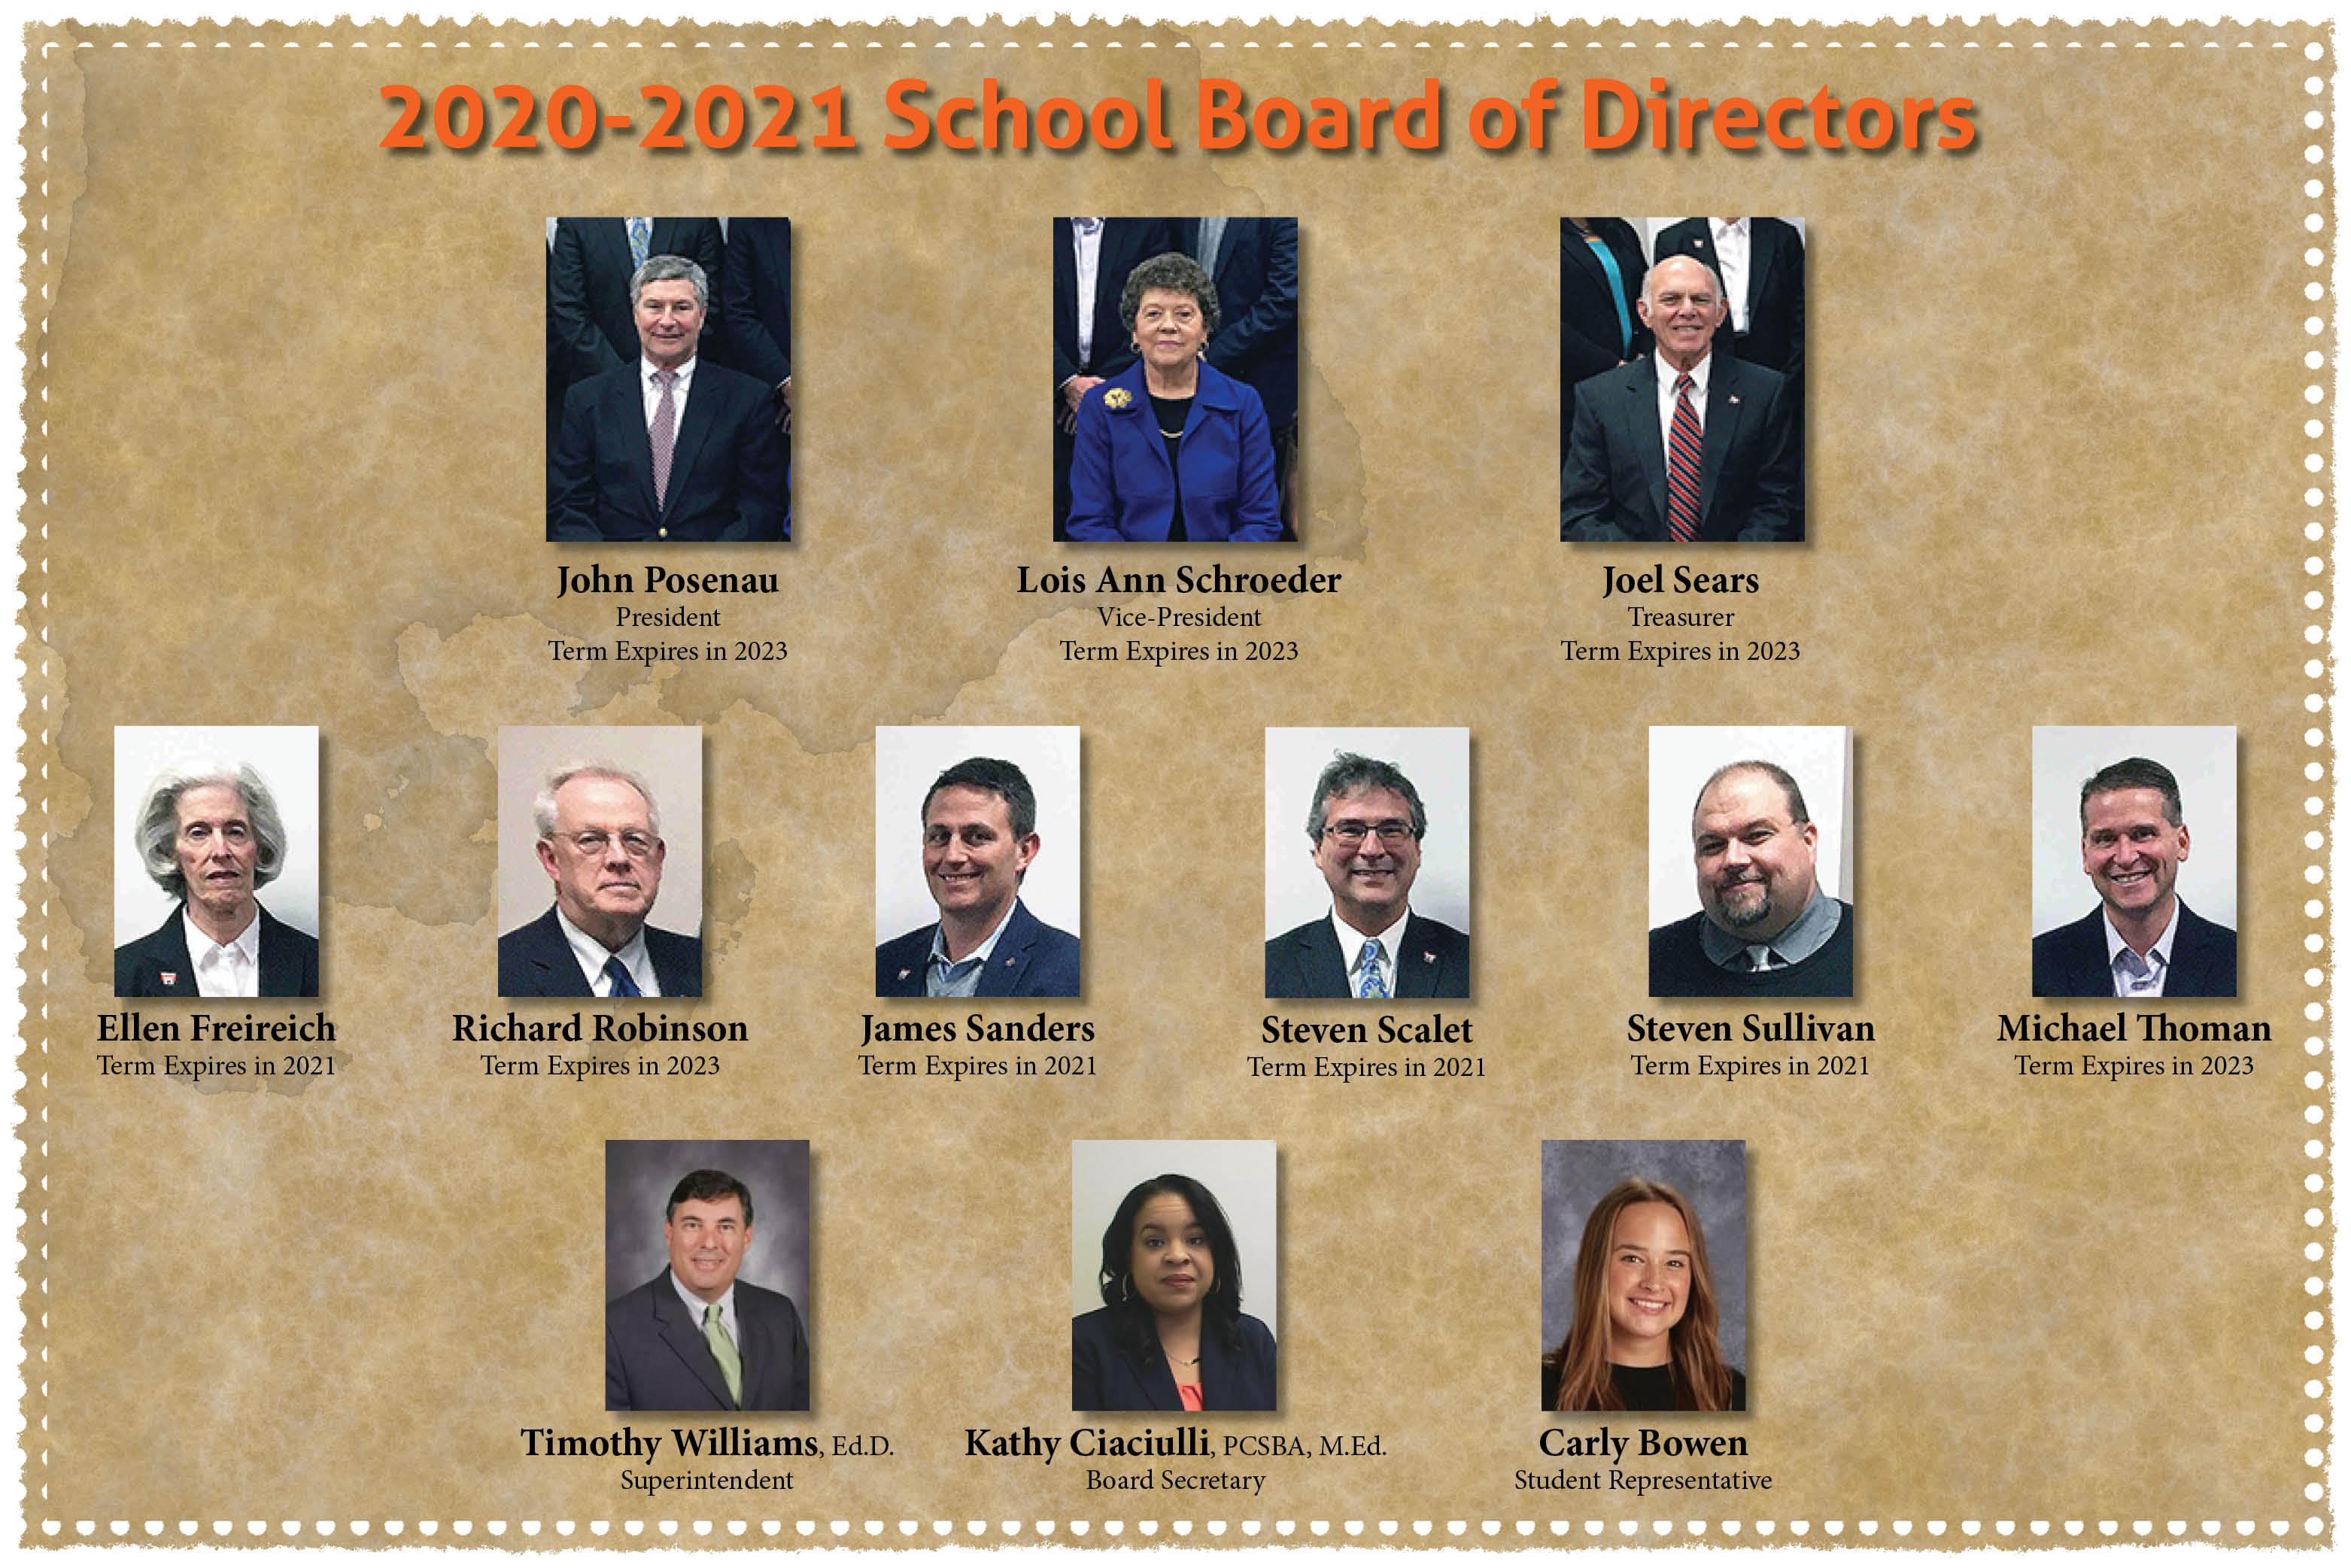 2020-2021 School Board_9